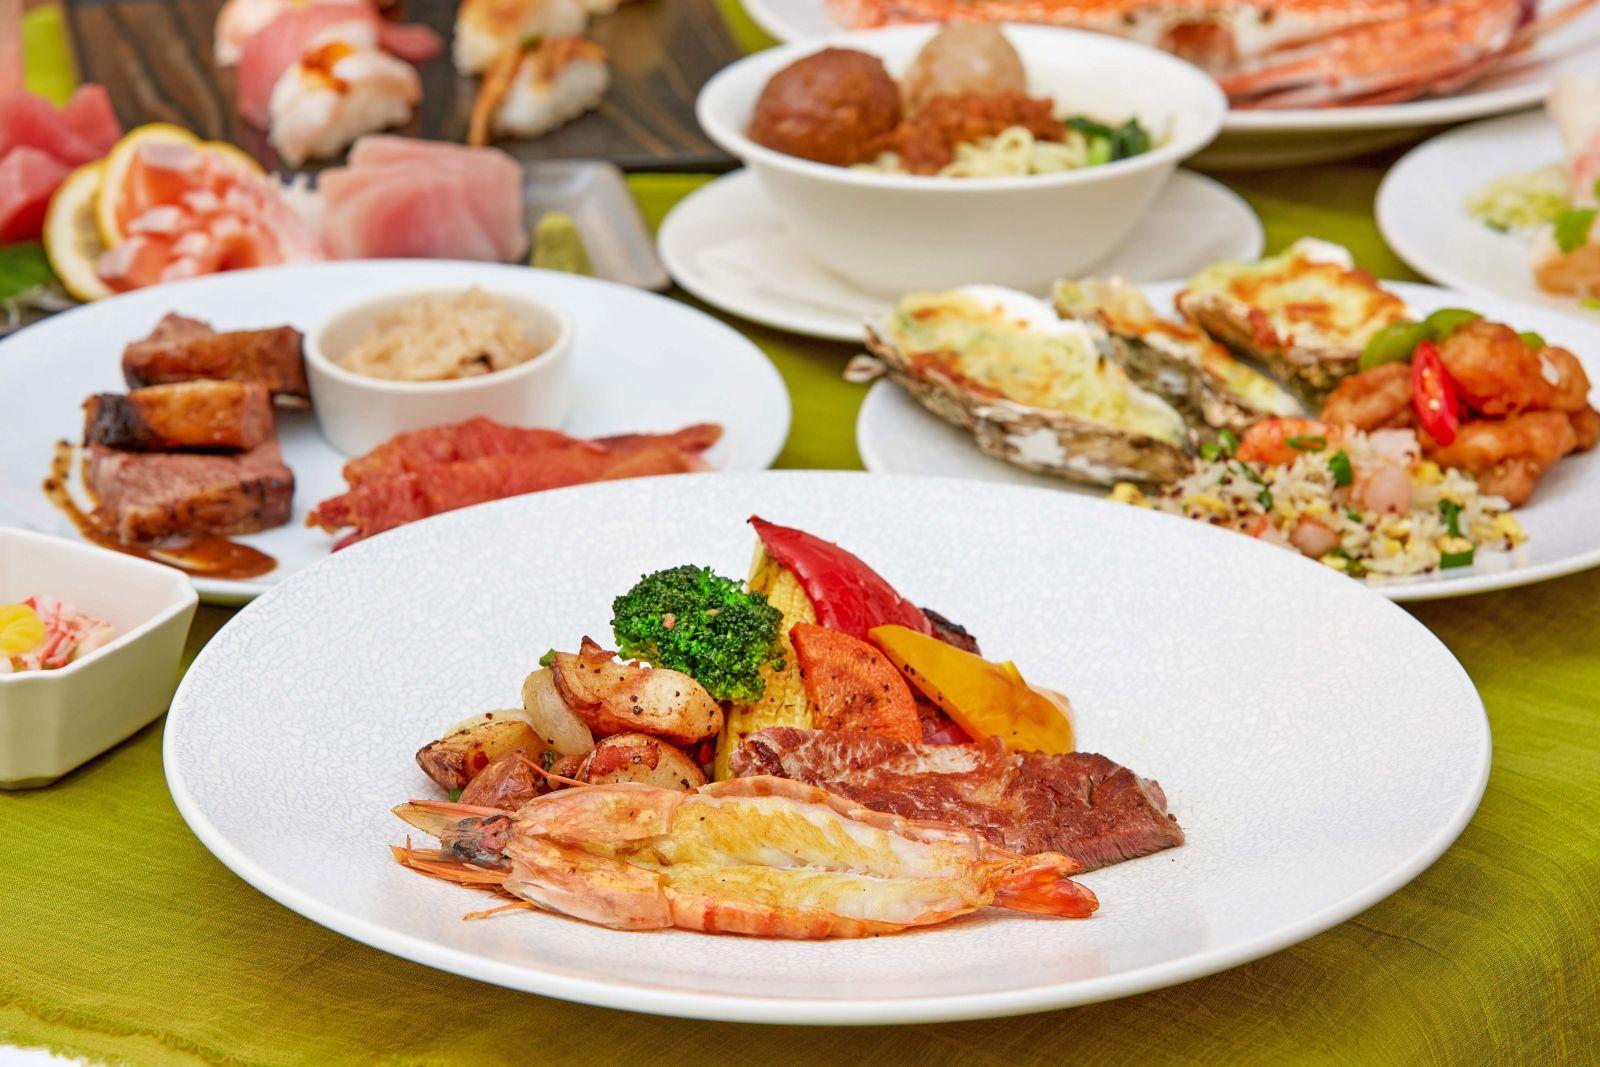 【明園西餐廳】義大利主題美食月 週末還有「魔幻假日」桌邊魔術秀